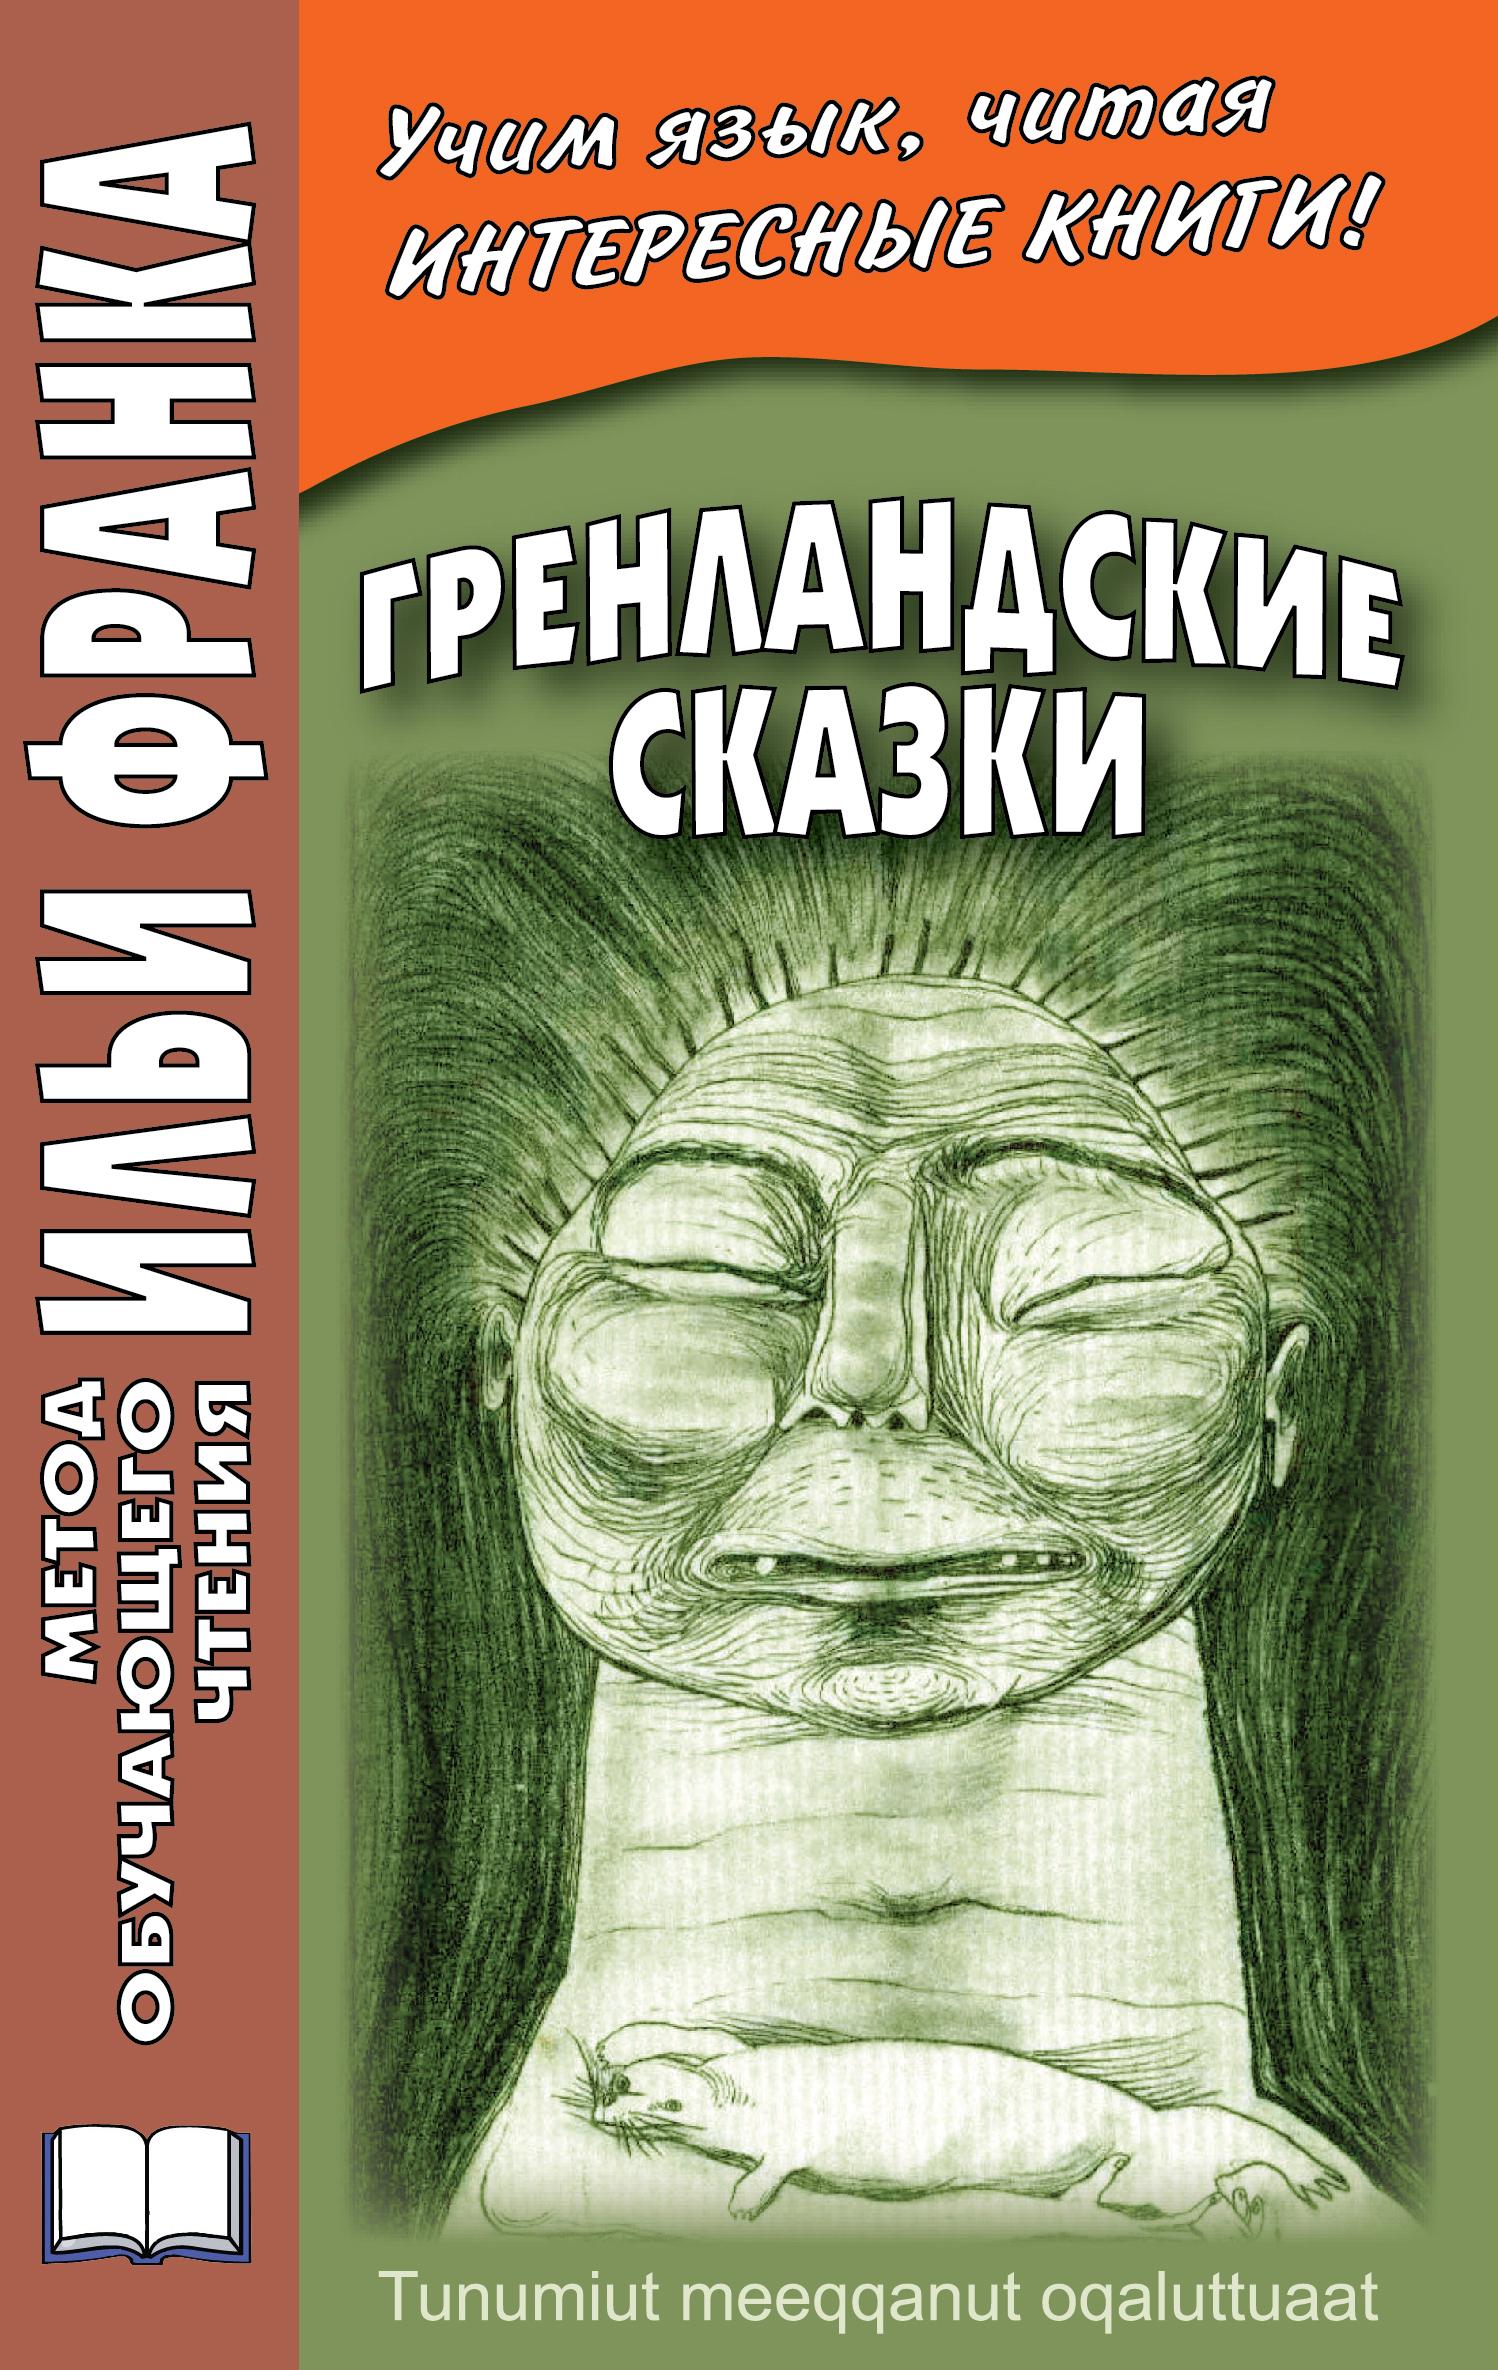 Гренландские сказки / Tunumiut meeqqanut oqaluttuaat